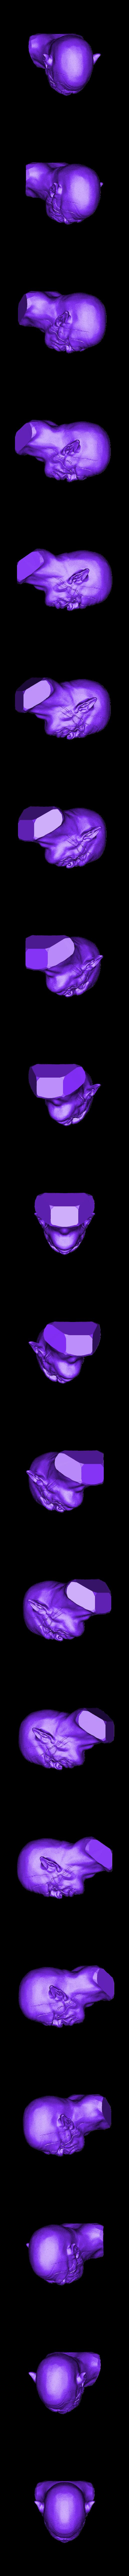 Azog_Bust.stl Télécharger fichier STL gratuit Azog Bust - Le Hobbit • Design pour imprimante 3D, BODY3D